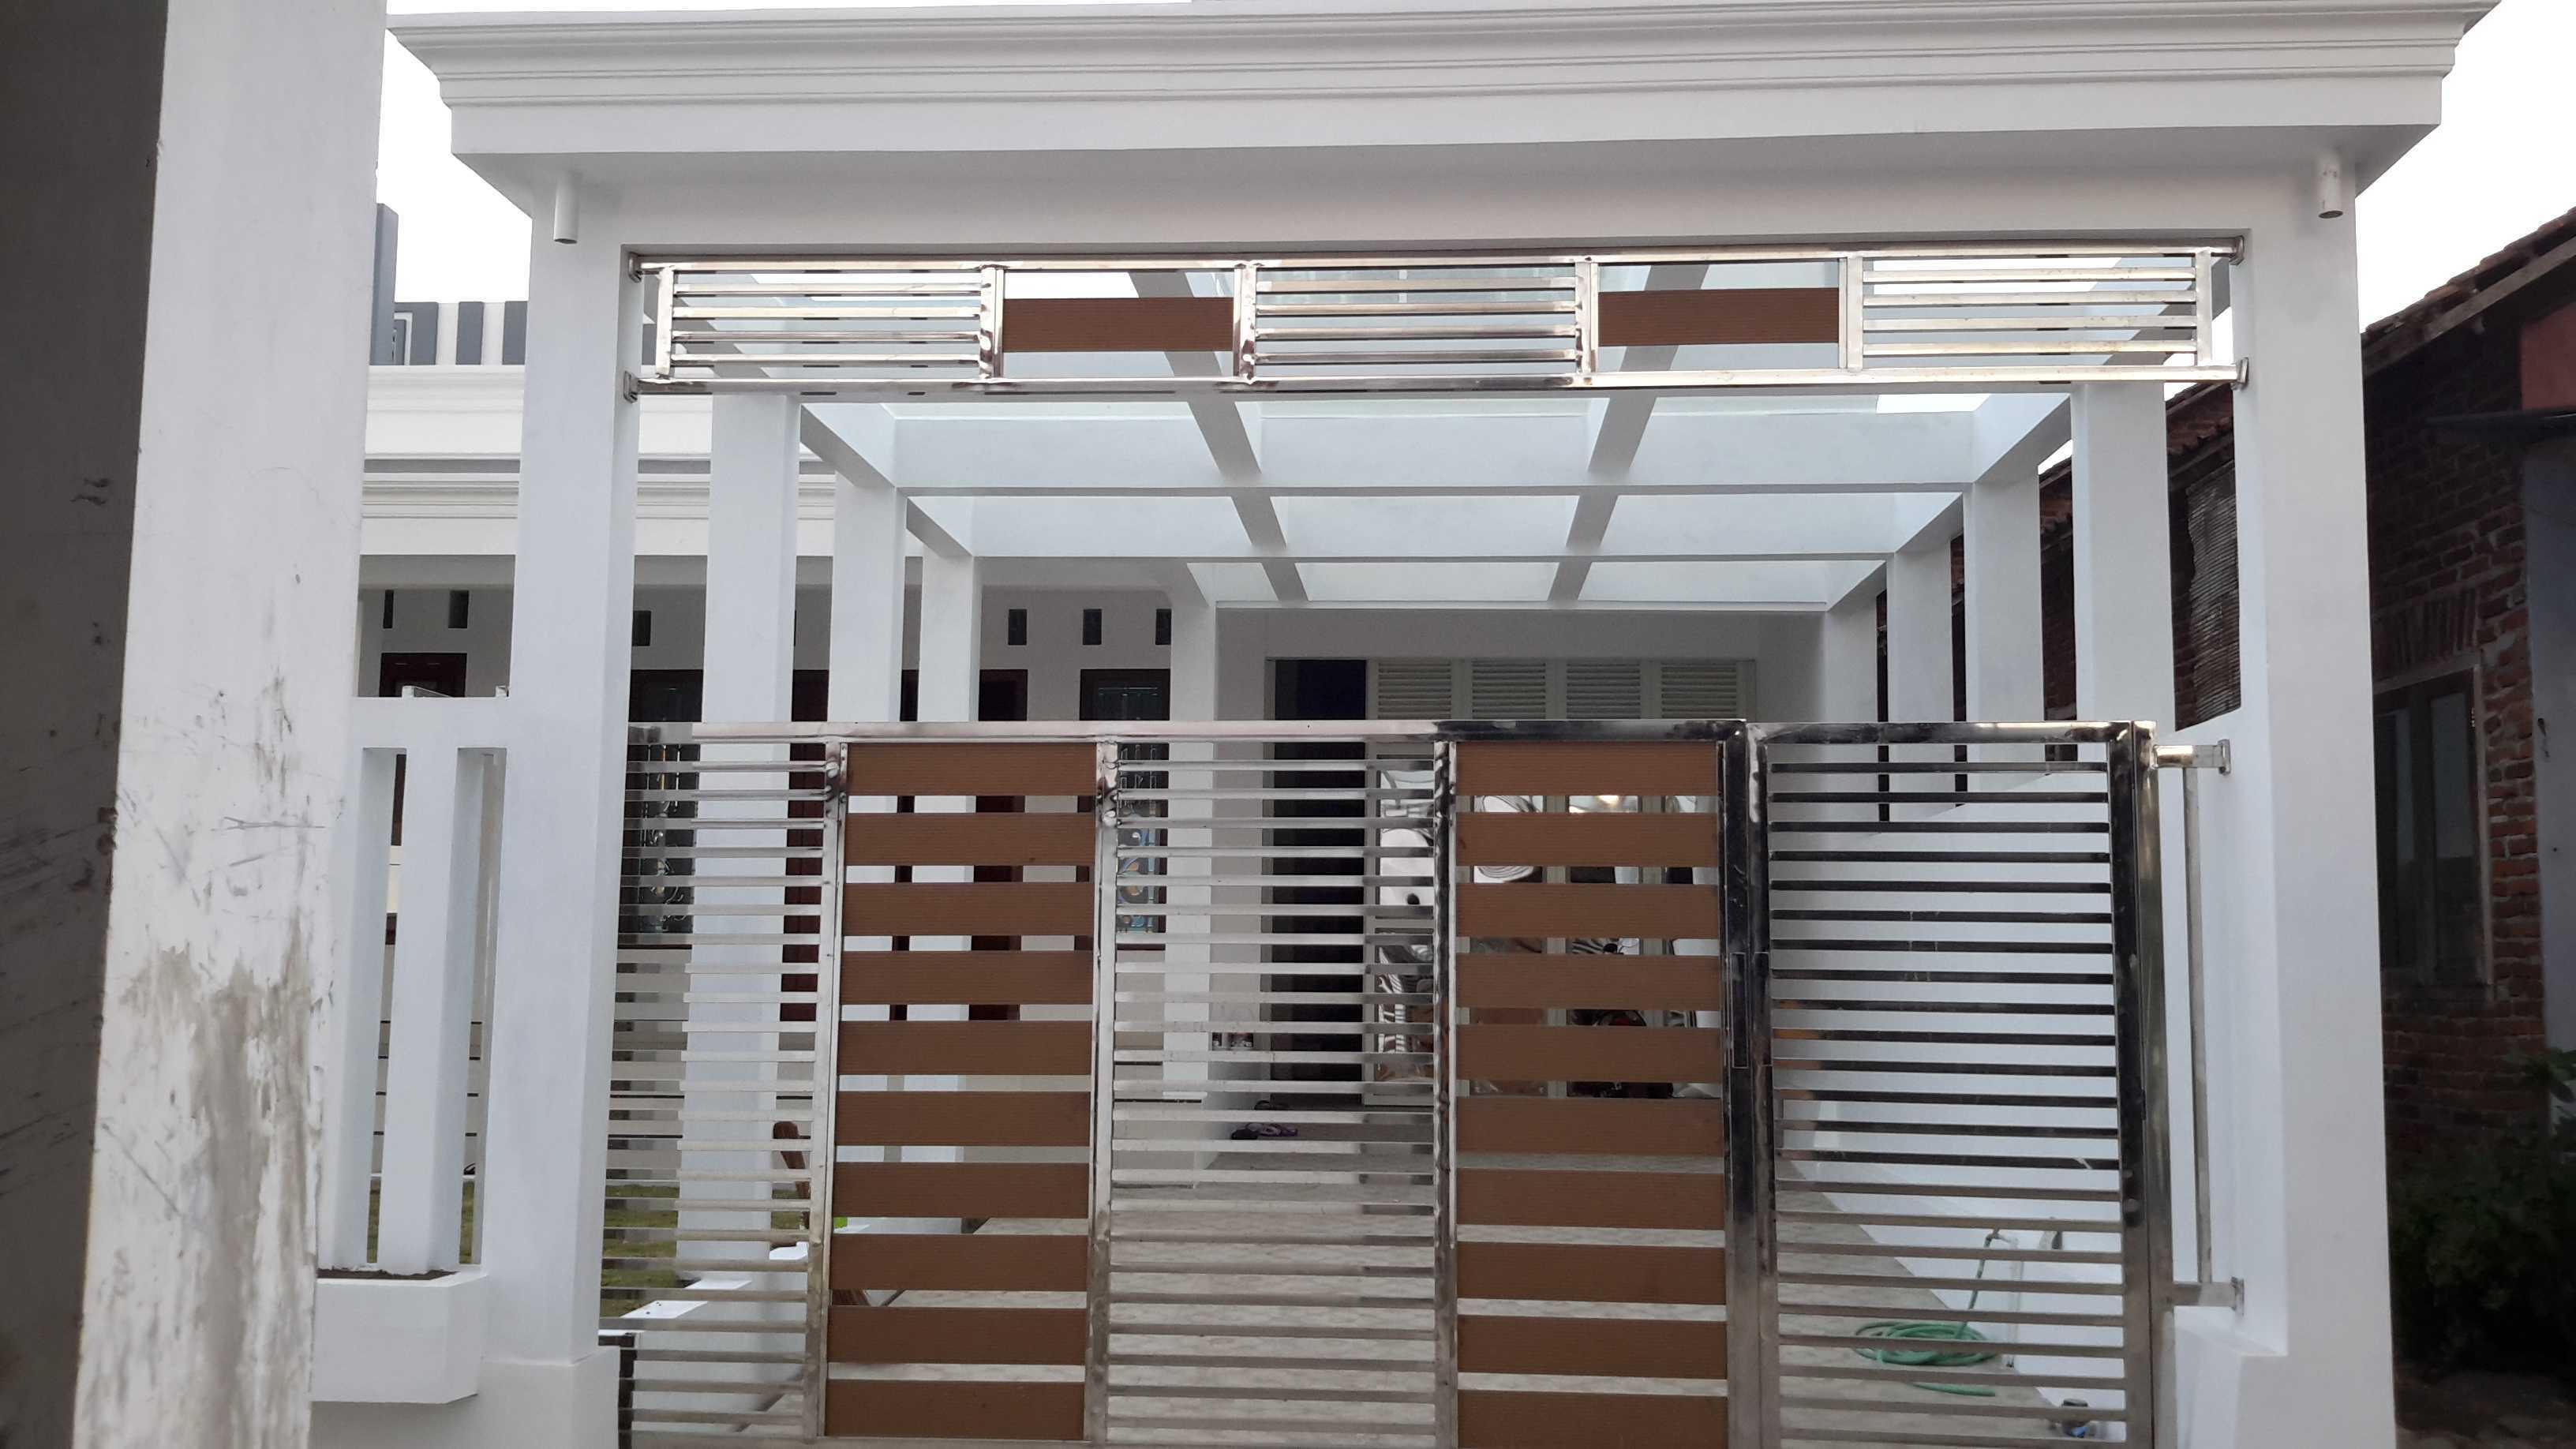 Cahaya Griya Pembangunan Rumah   Tampak Depan Minimalist Tampak Dari Depan Ruangan, Dengan Atap Canopi Dari Kaca Tempered. 43166